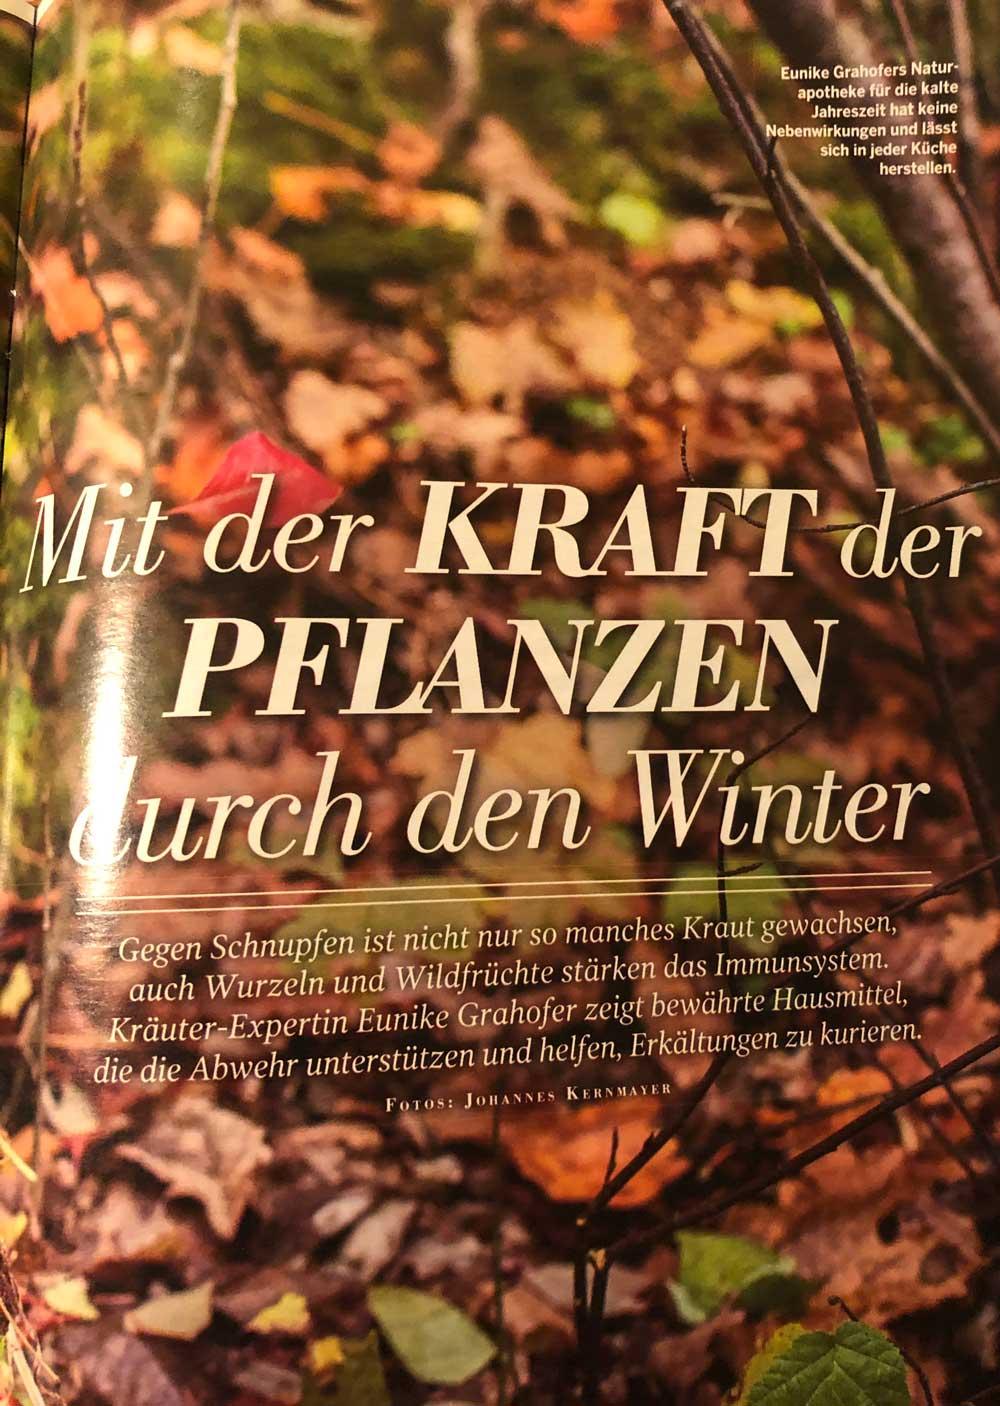 Erste Seite Bericht Naturlust Mit der Kraft der Pflanzen durch den Winter